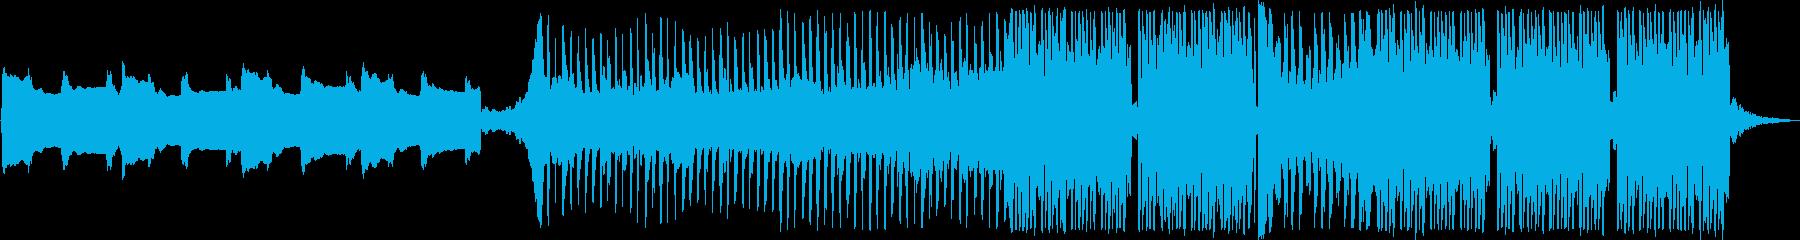 静かなイントロから始まる煌びやかなEDMの再生済みの波形